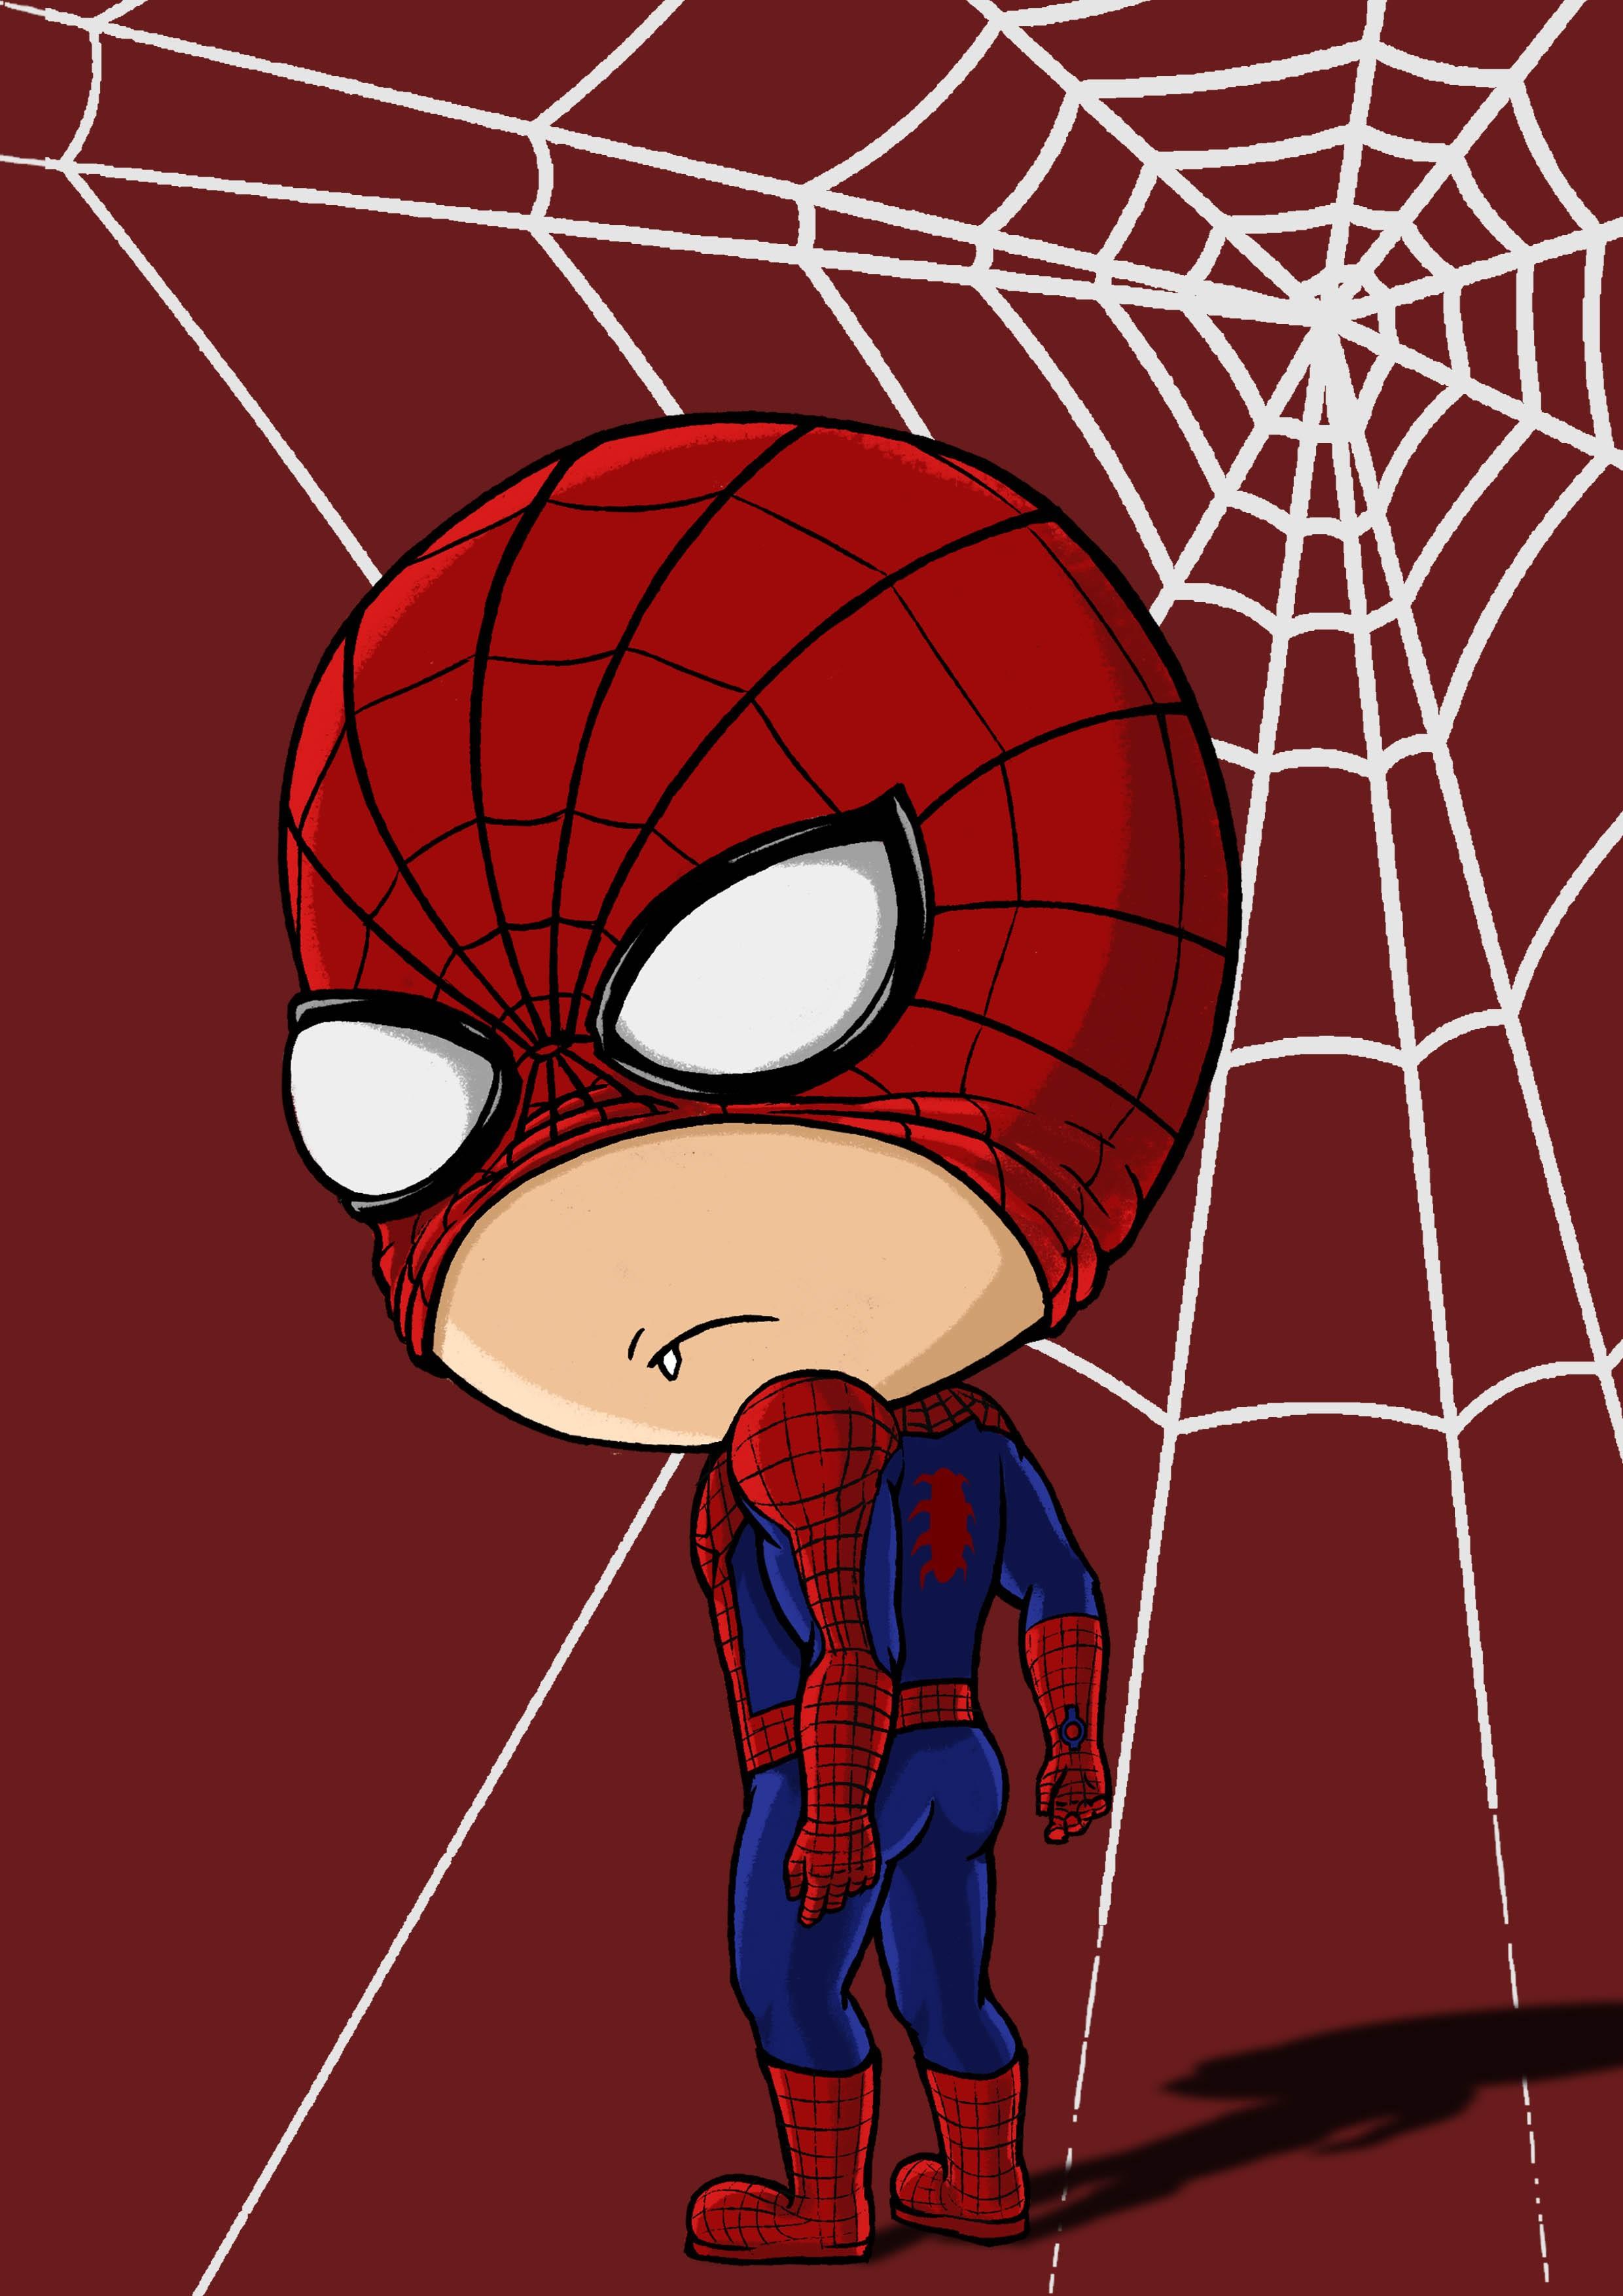 i am hero-漫威英雄系列-蜘蛛侠图片